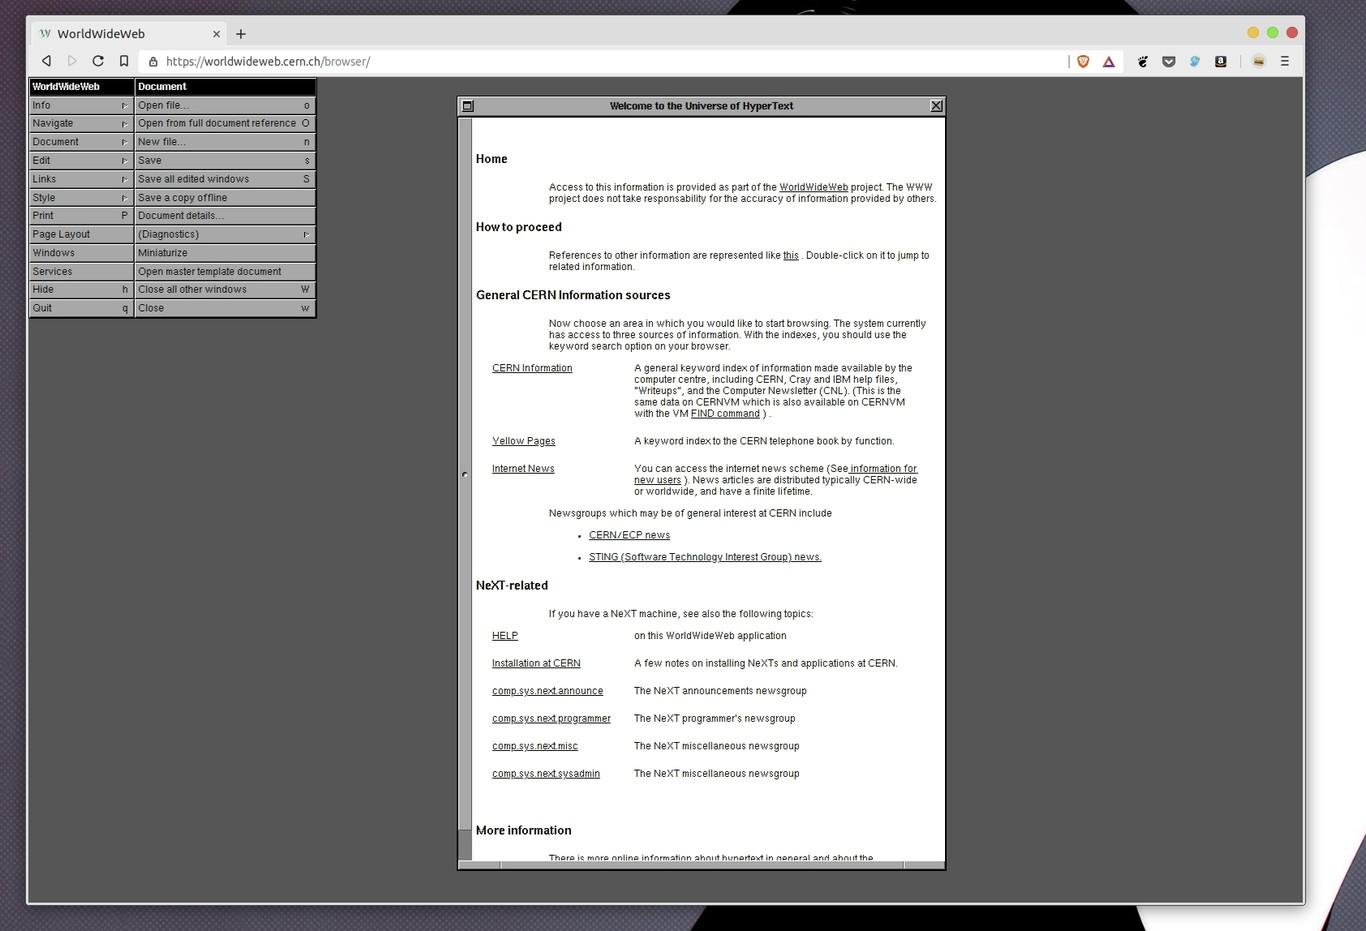 Navega por la web como hace 30 años con una edición especial de WorldWideWeb del CERN, el primer navegador web de la historia